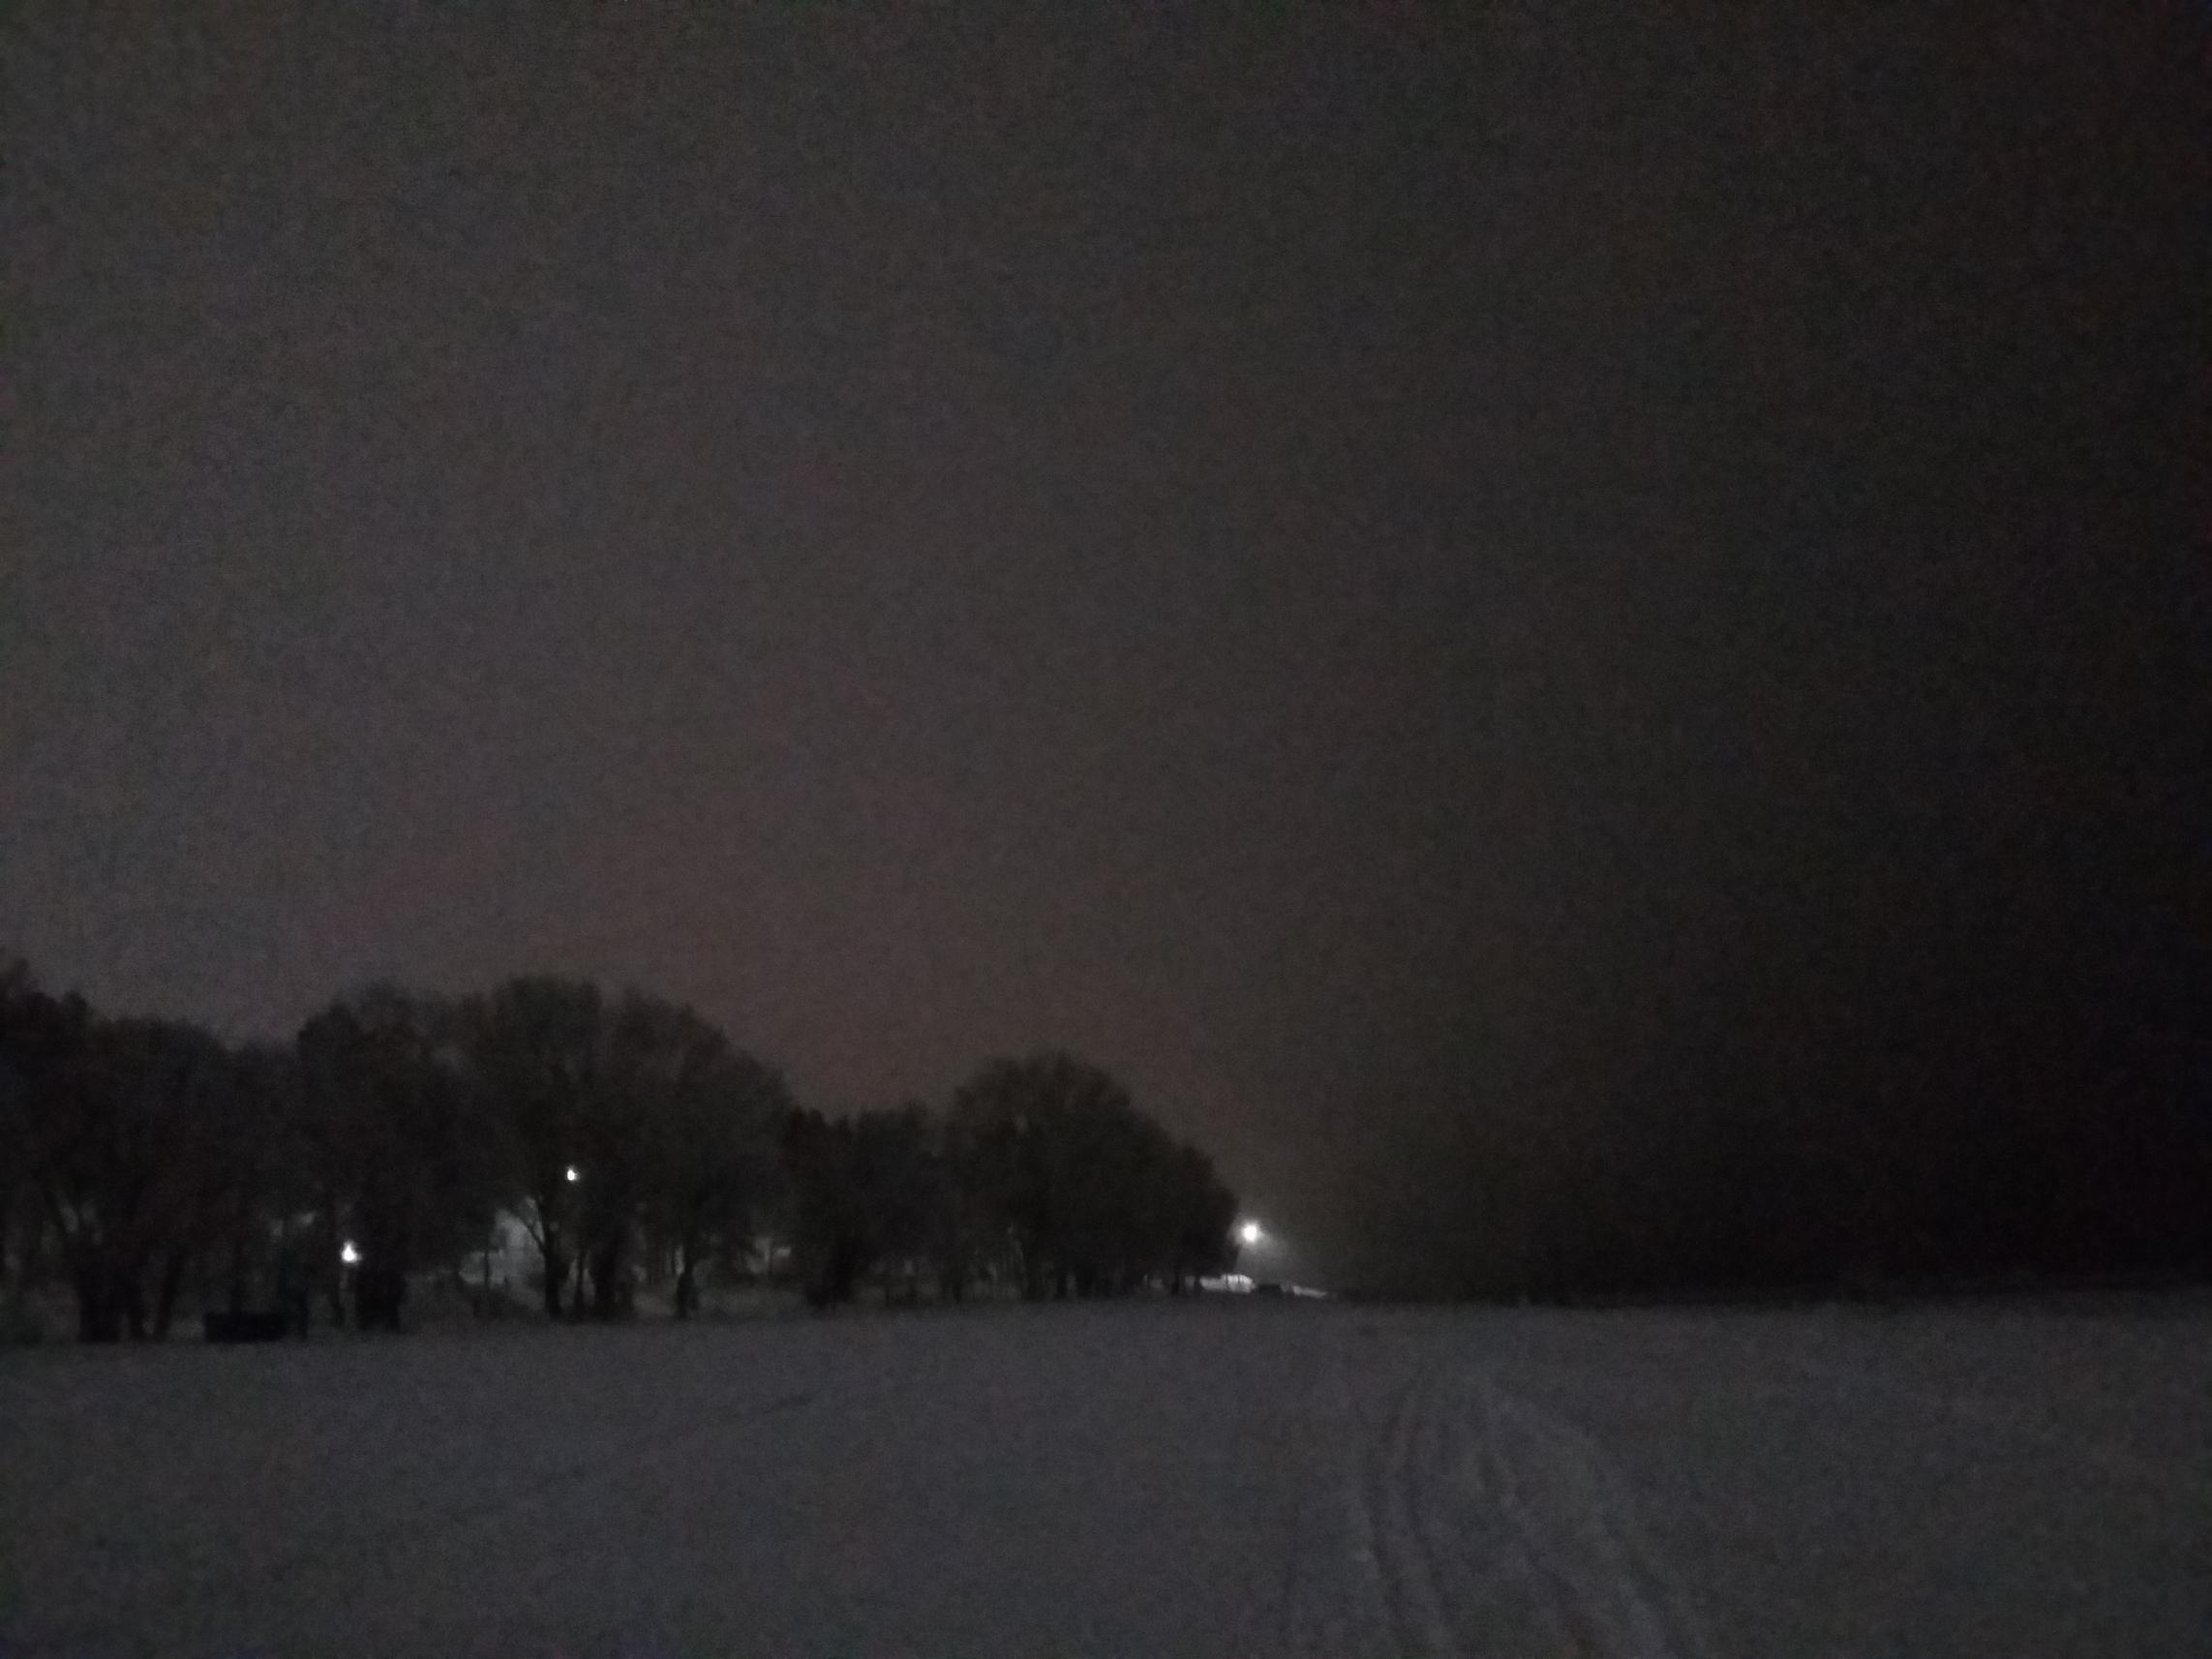 Моя прогулка минувшим вечером(с фотографиями)